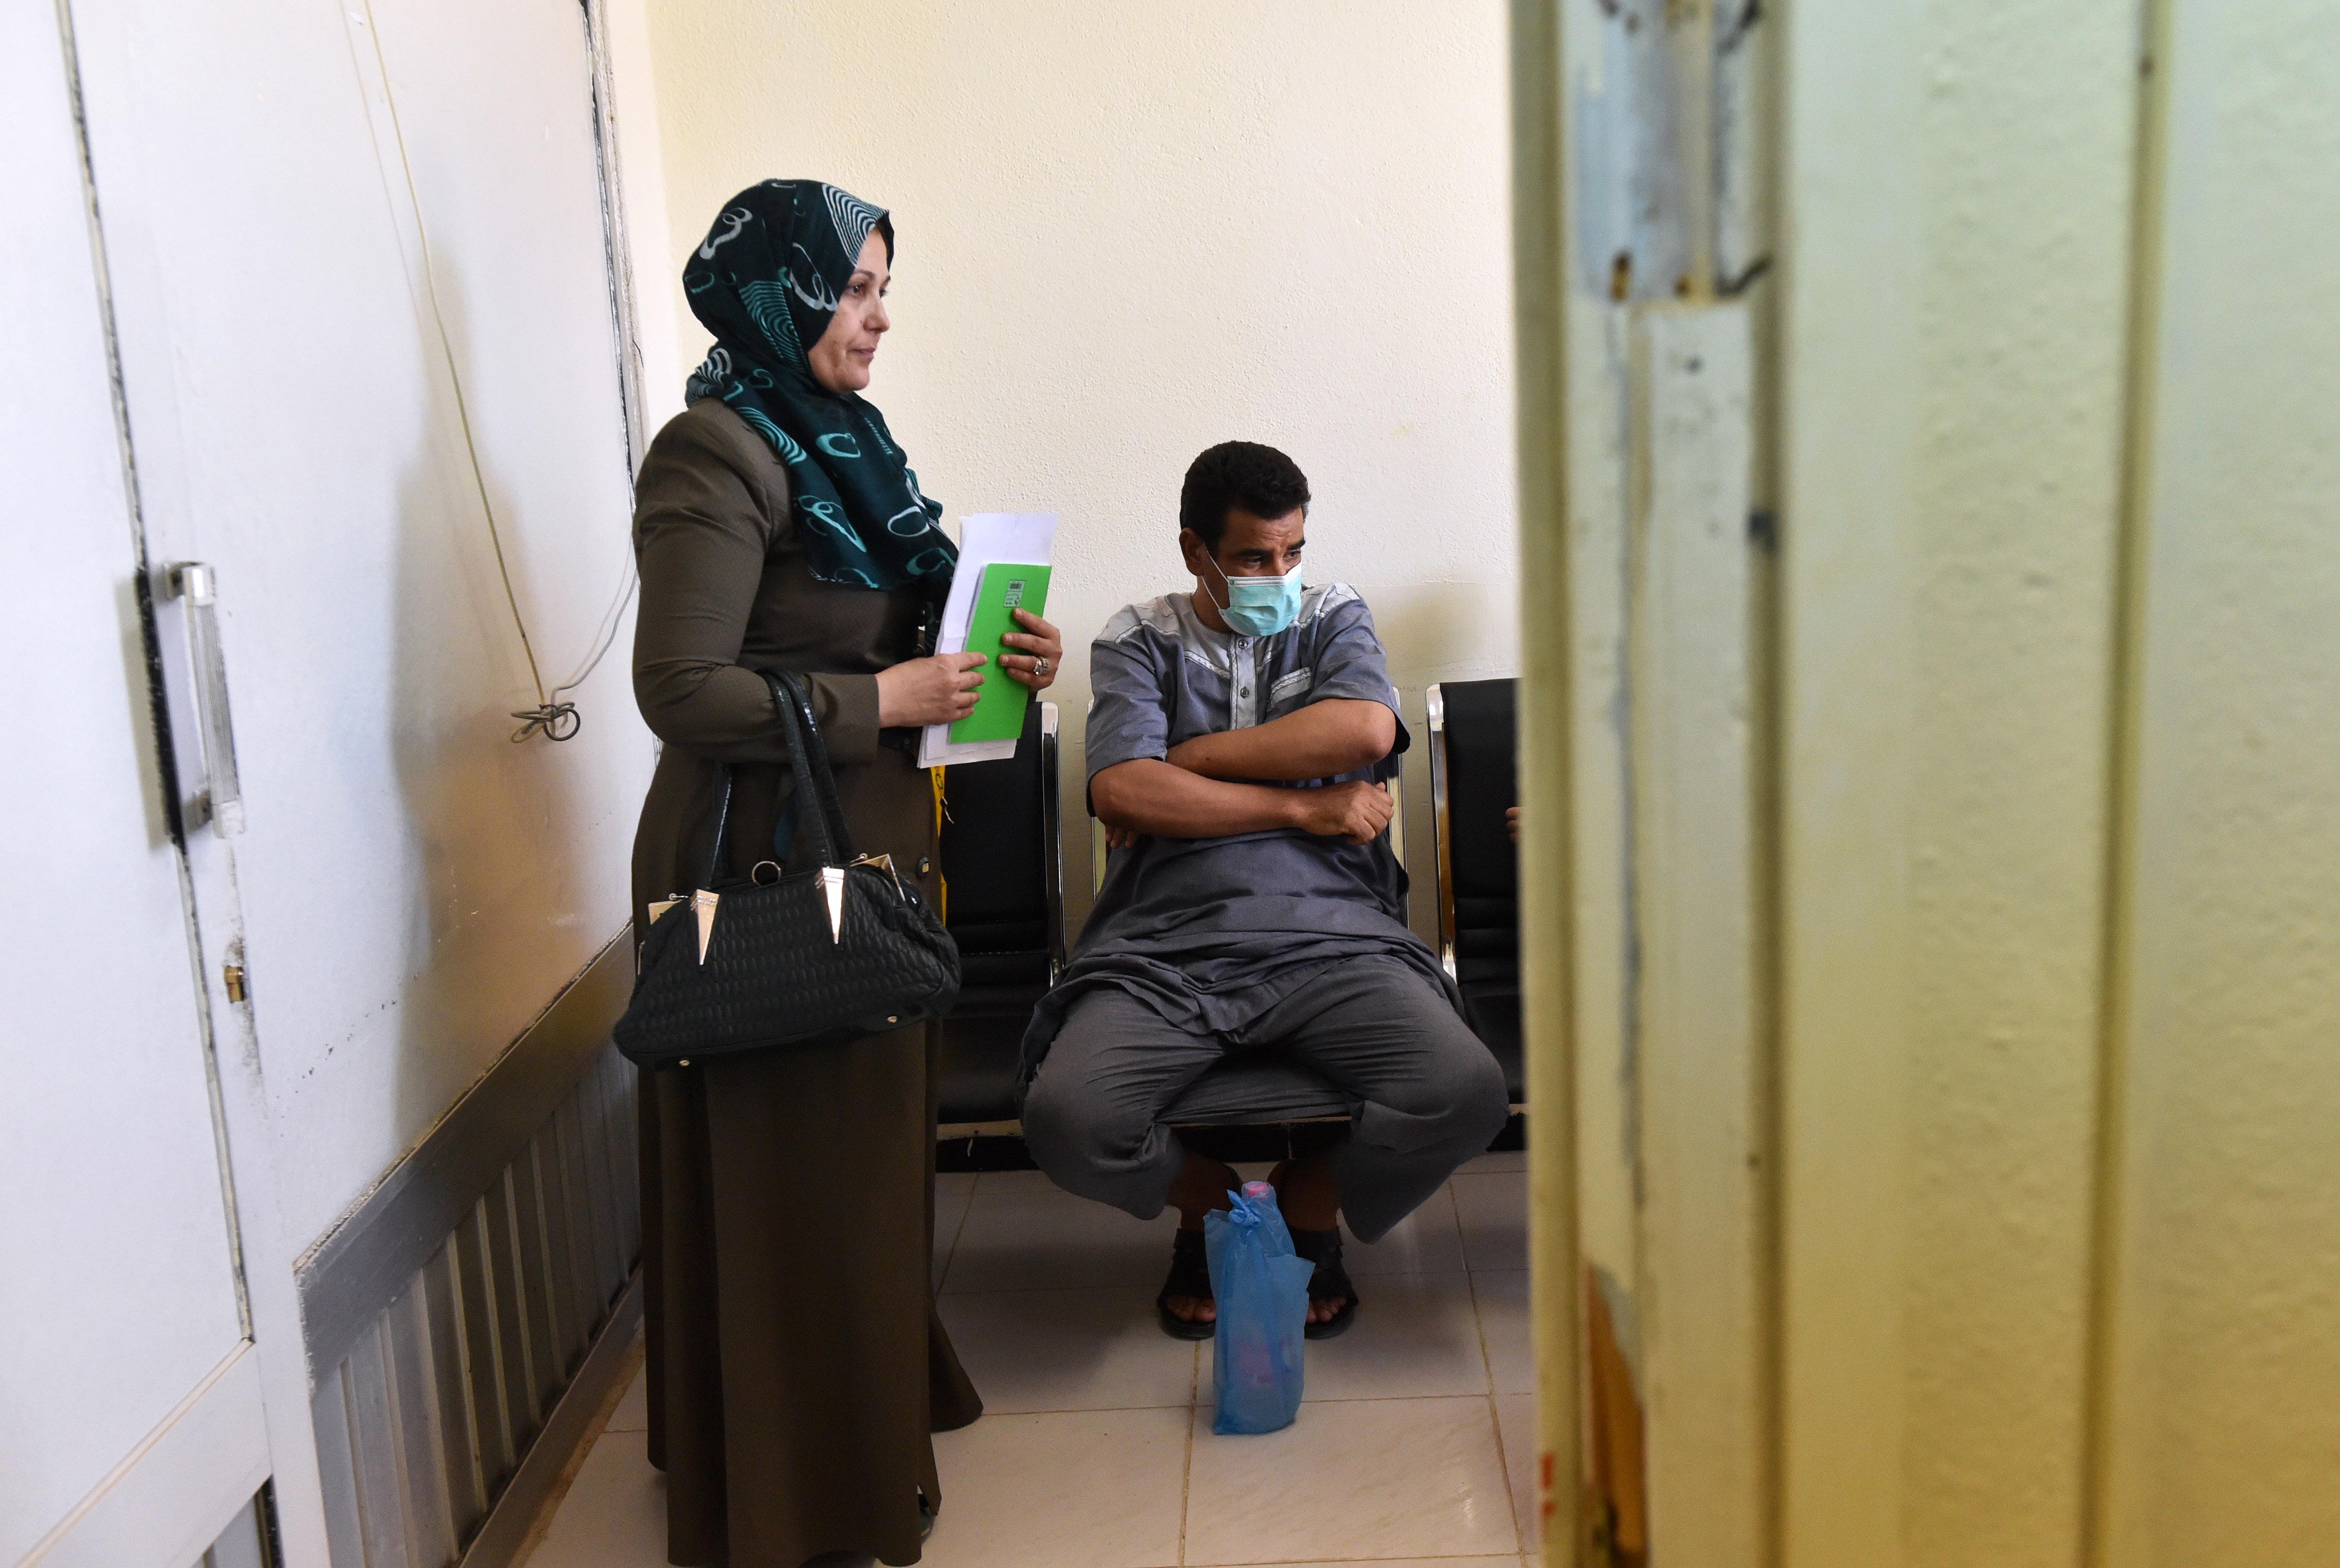 مريض جزائري أجريت له عملية زرع كلية ينتظر مع أخته في المستشفى الجامعي في باتنه